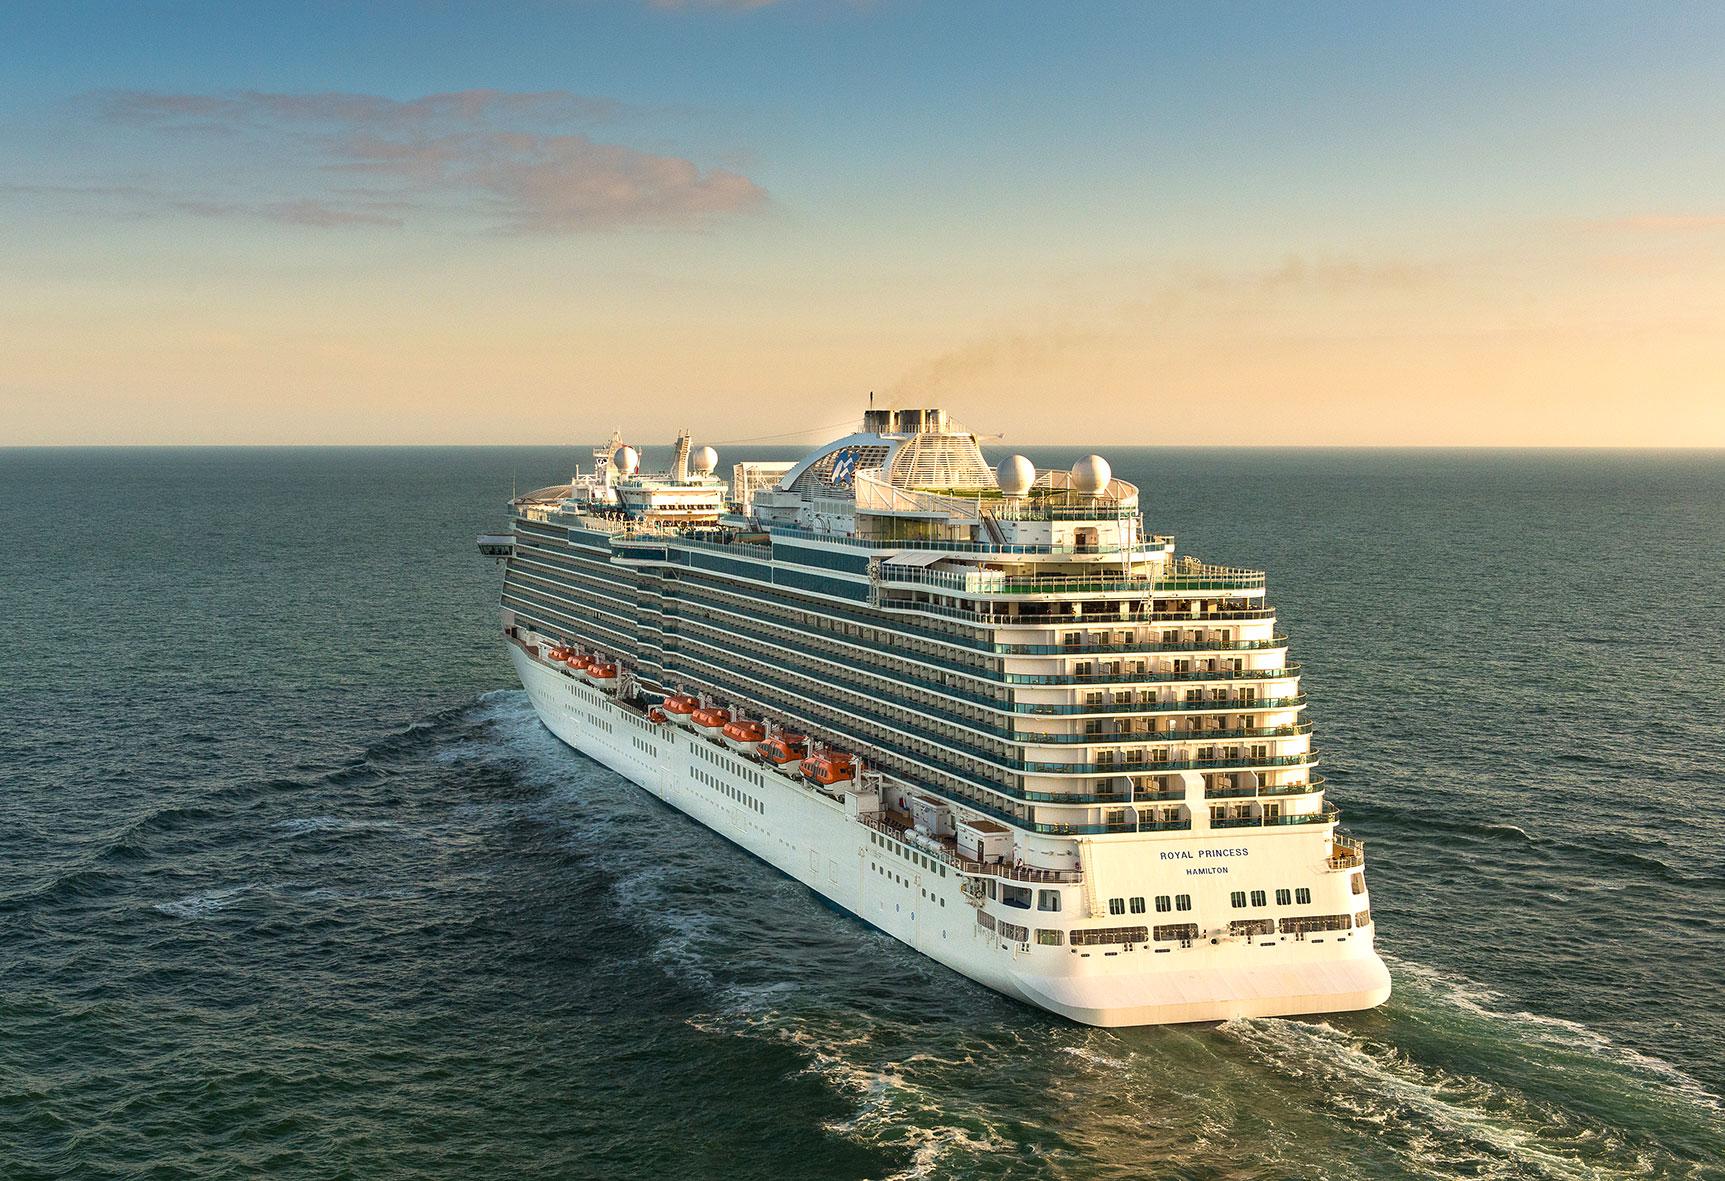 Princess Cruises Briti saarte kruiisid. Inglismaa, Iirimaa, Shotimaa